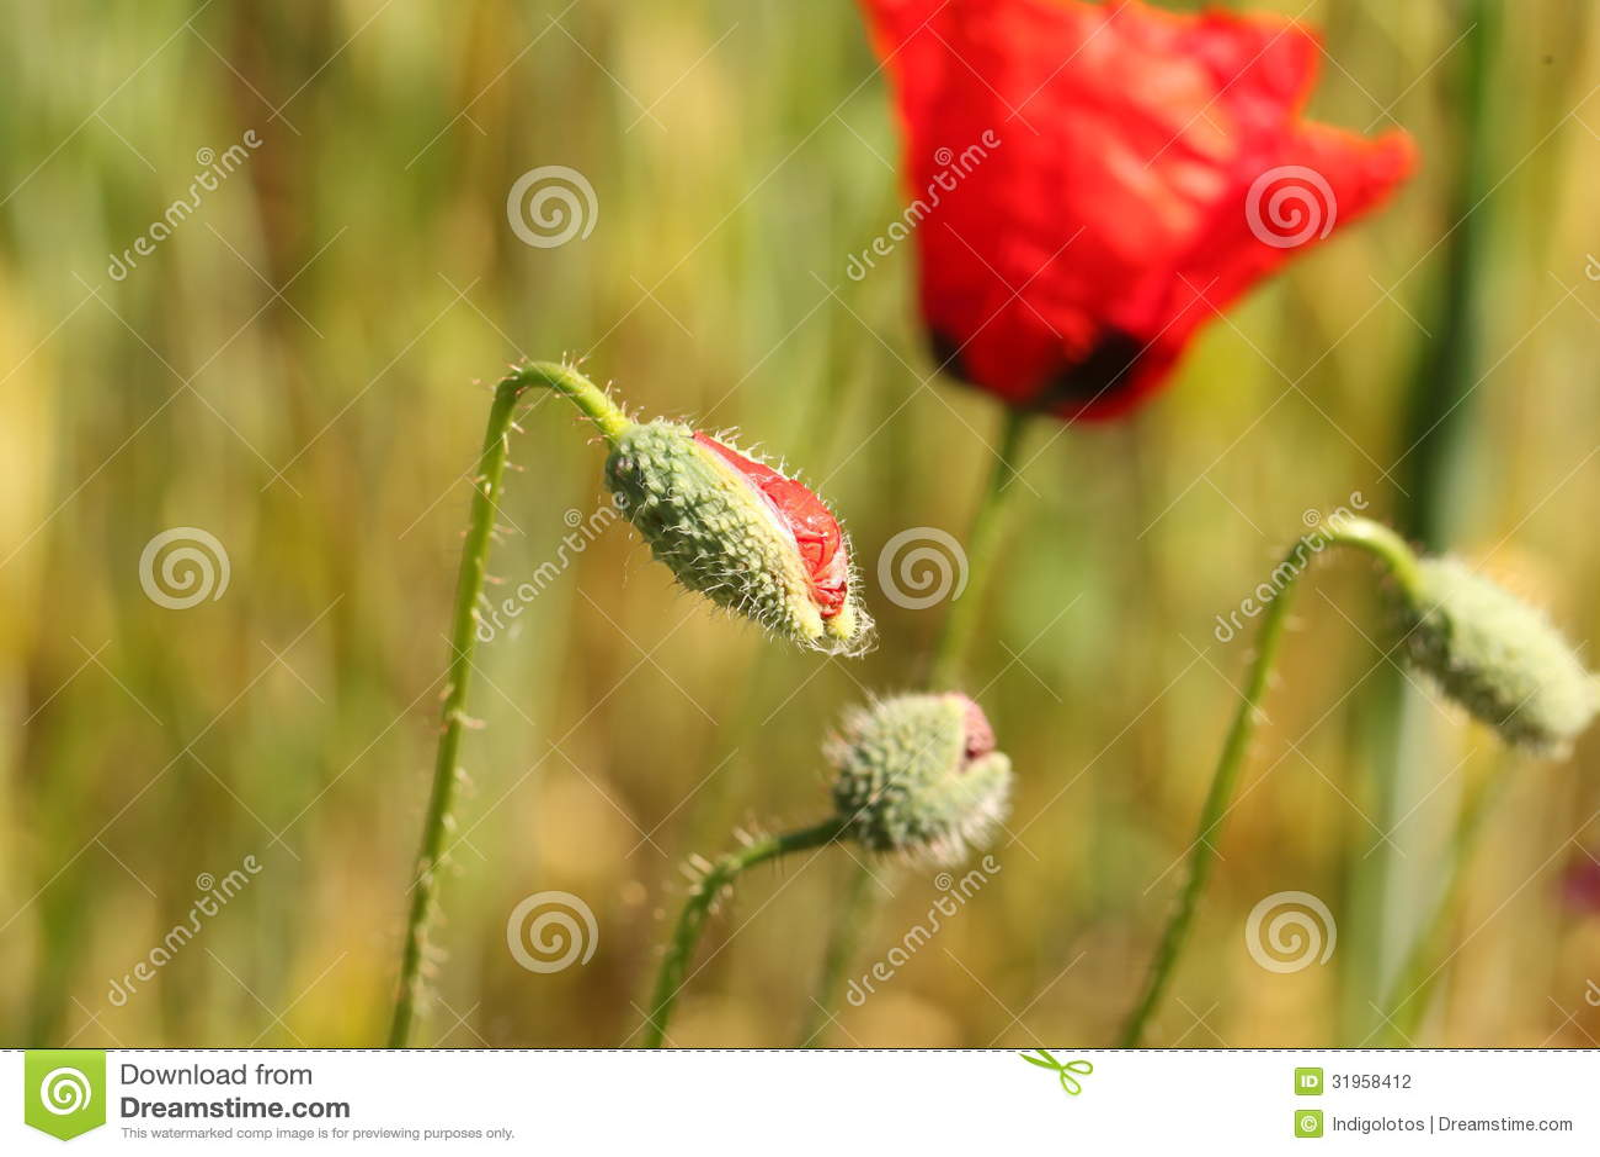 Red Poppy Flower Bud Stock Photo Image Of Garden Stem 31958412